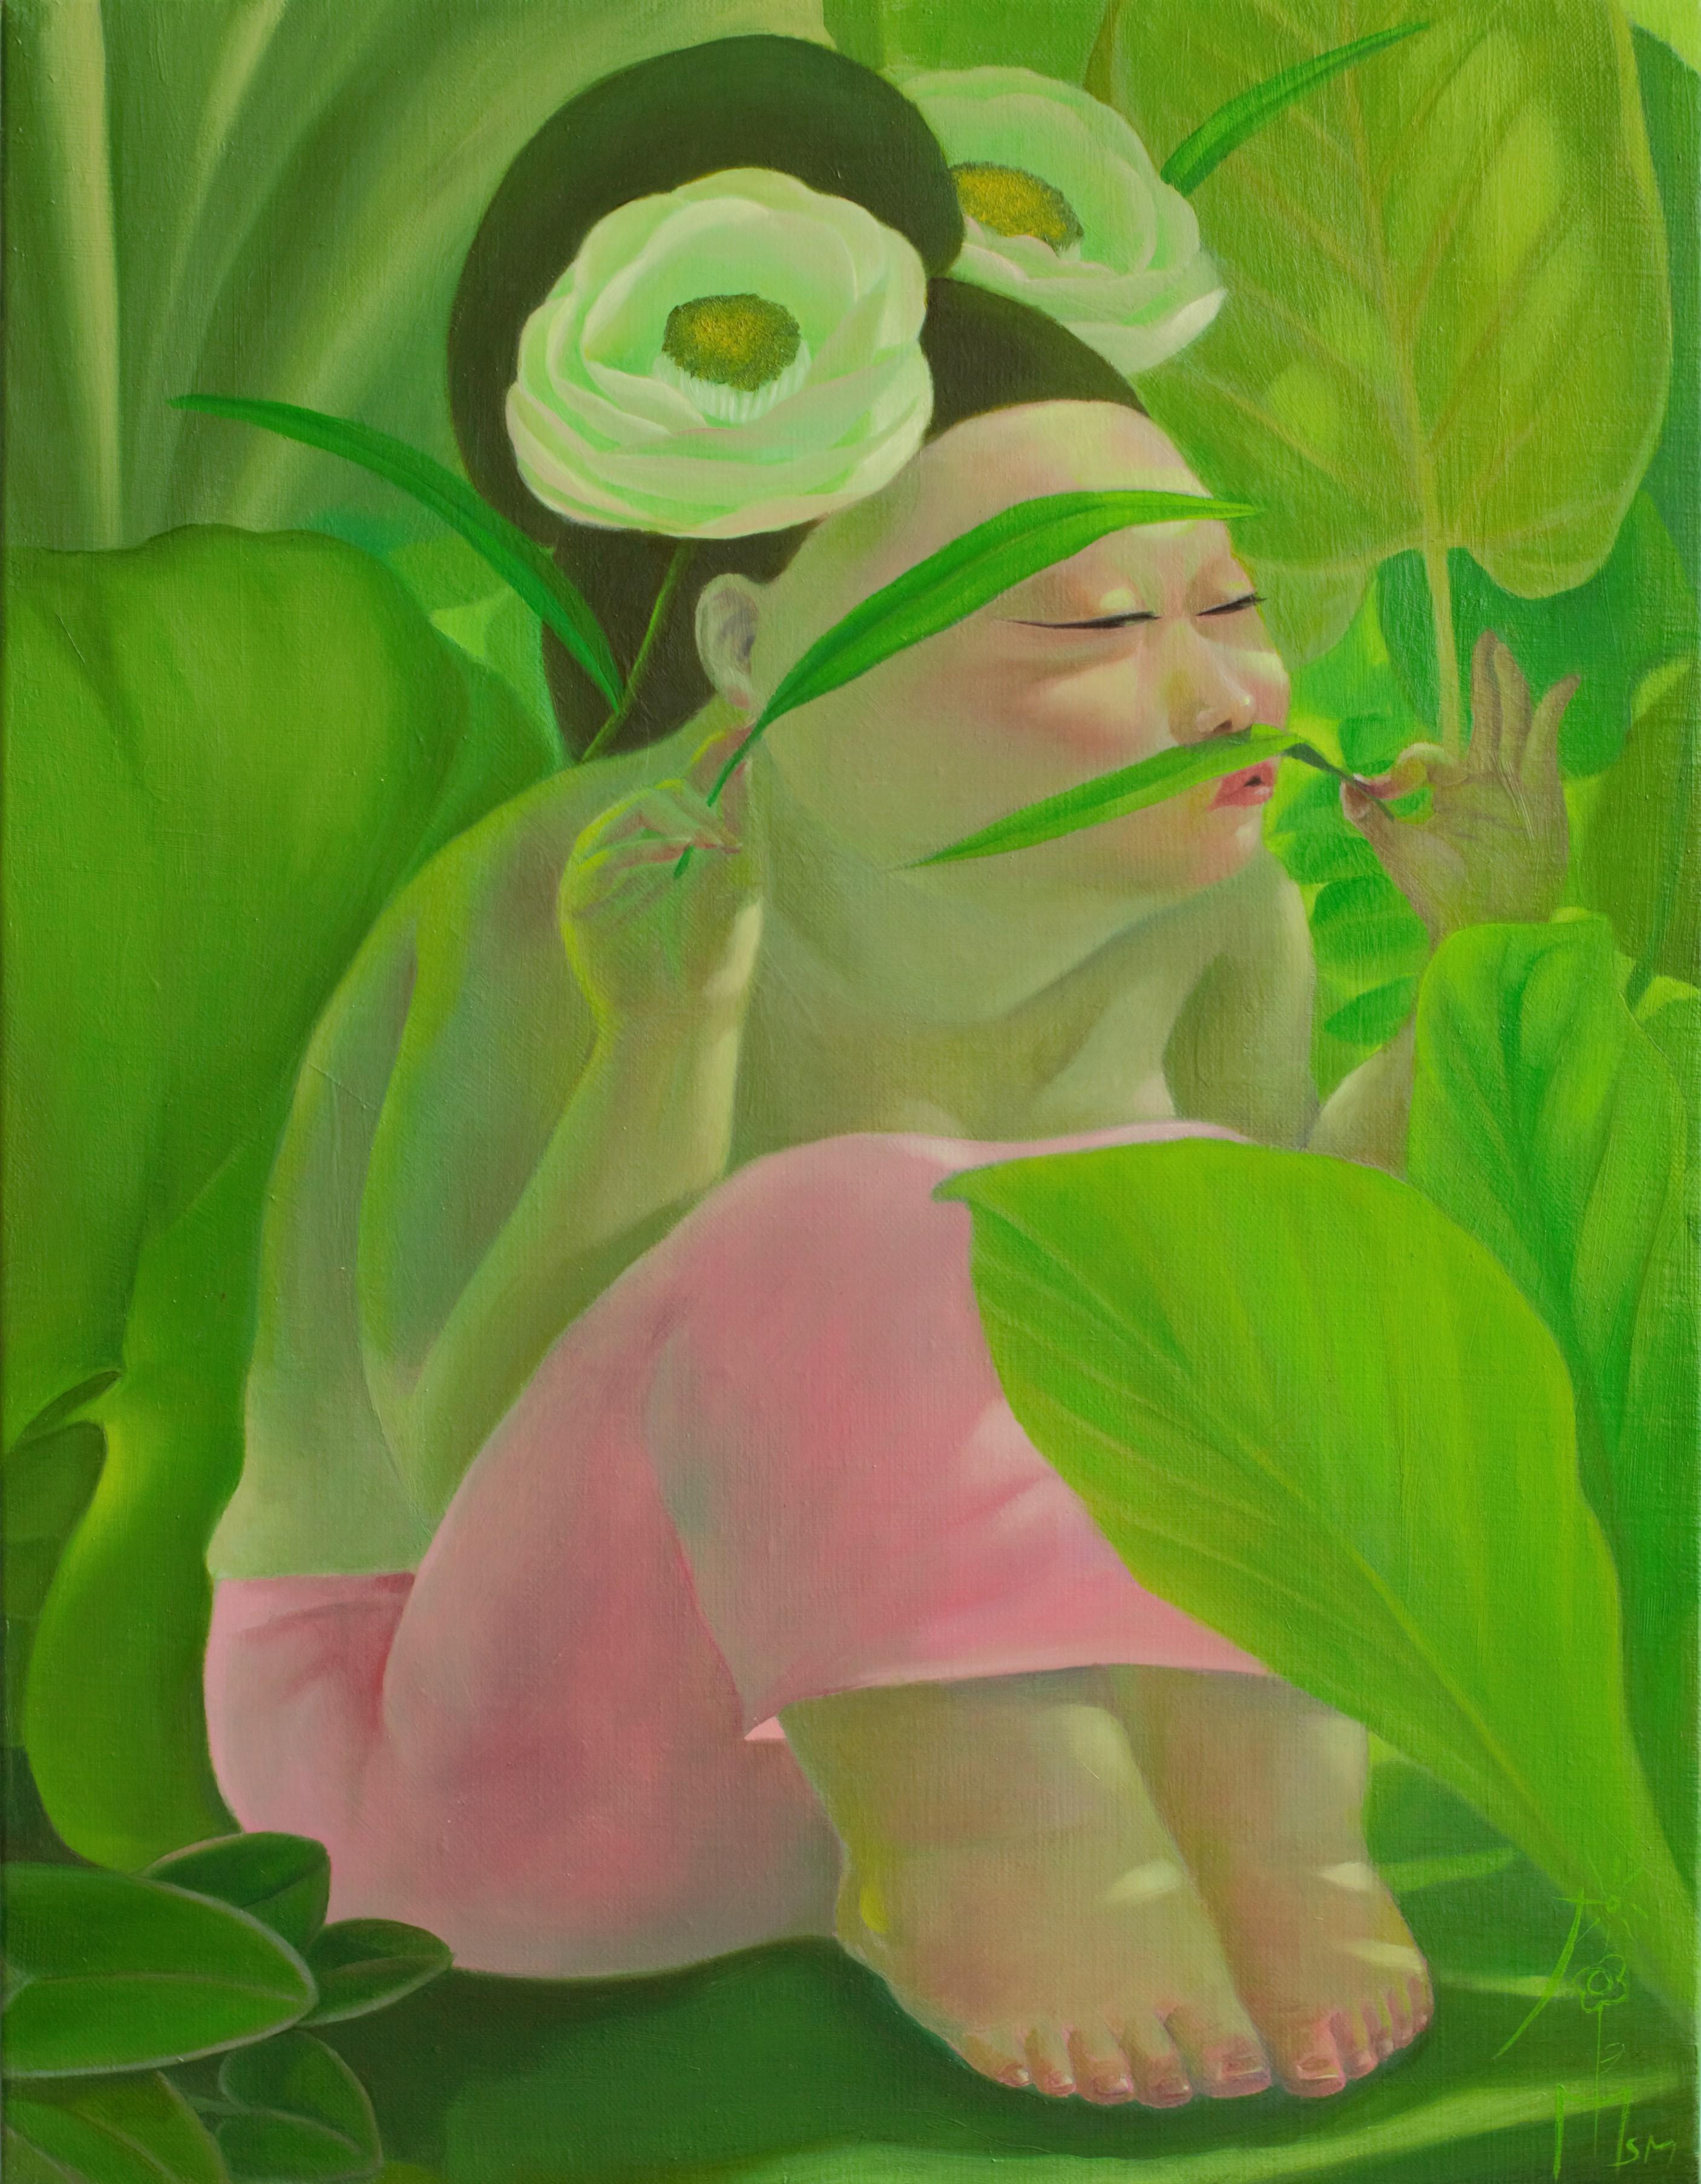 그녀의 정원 41x53oii on canvas2019